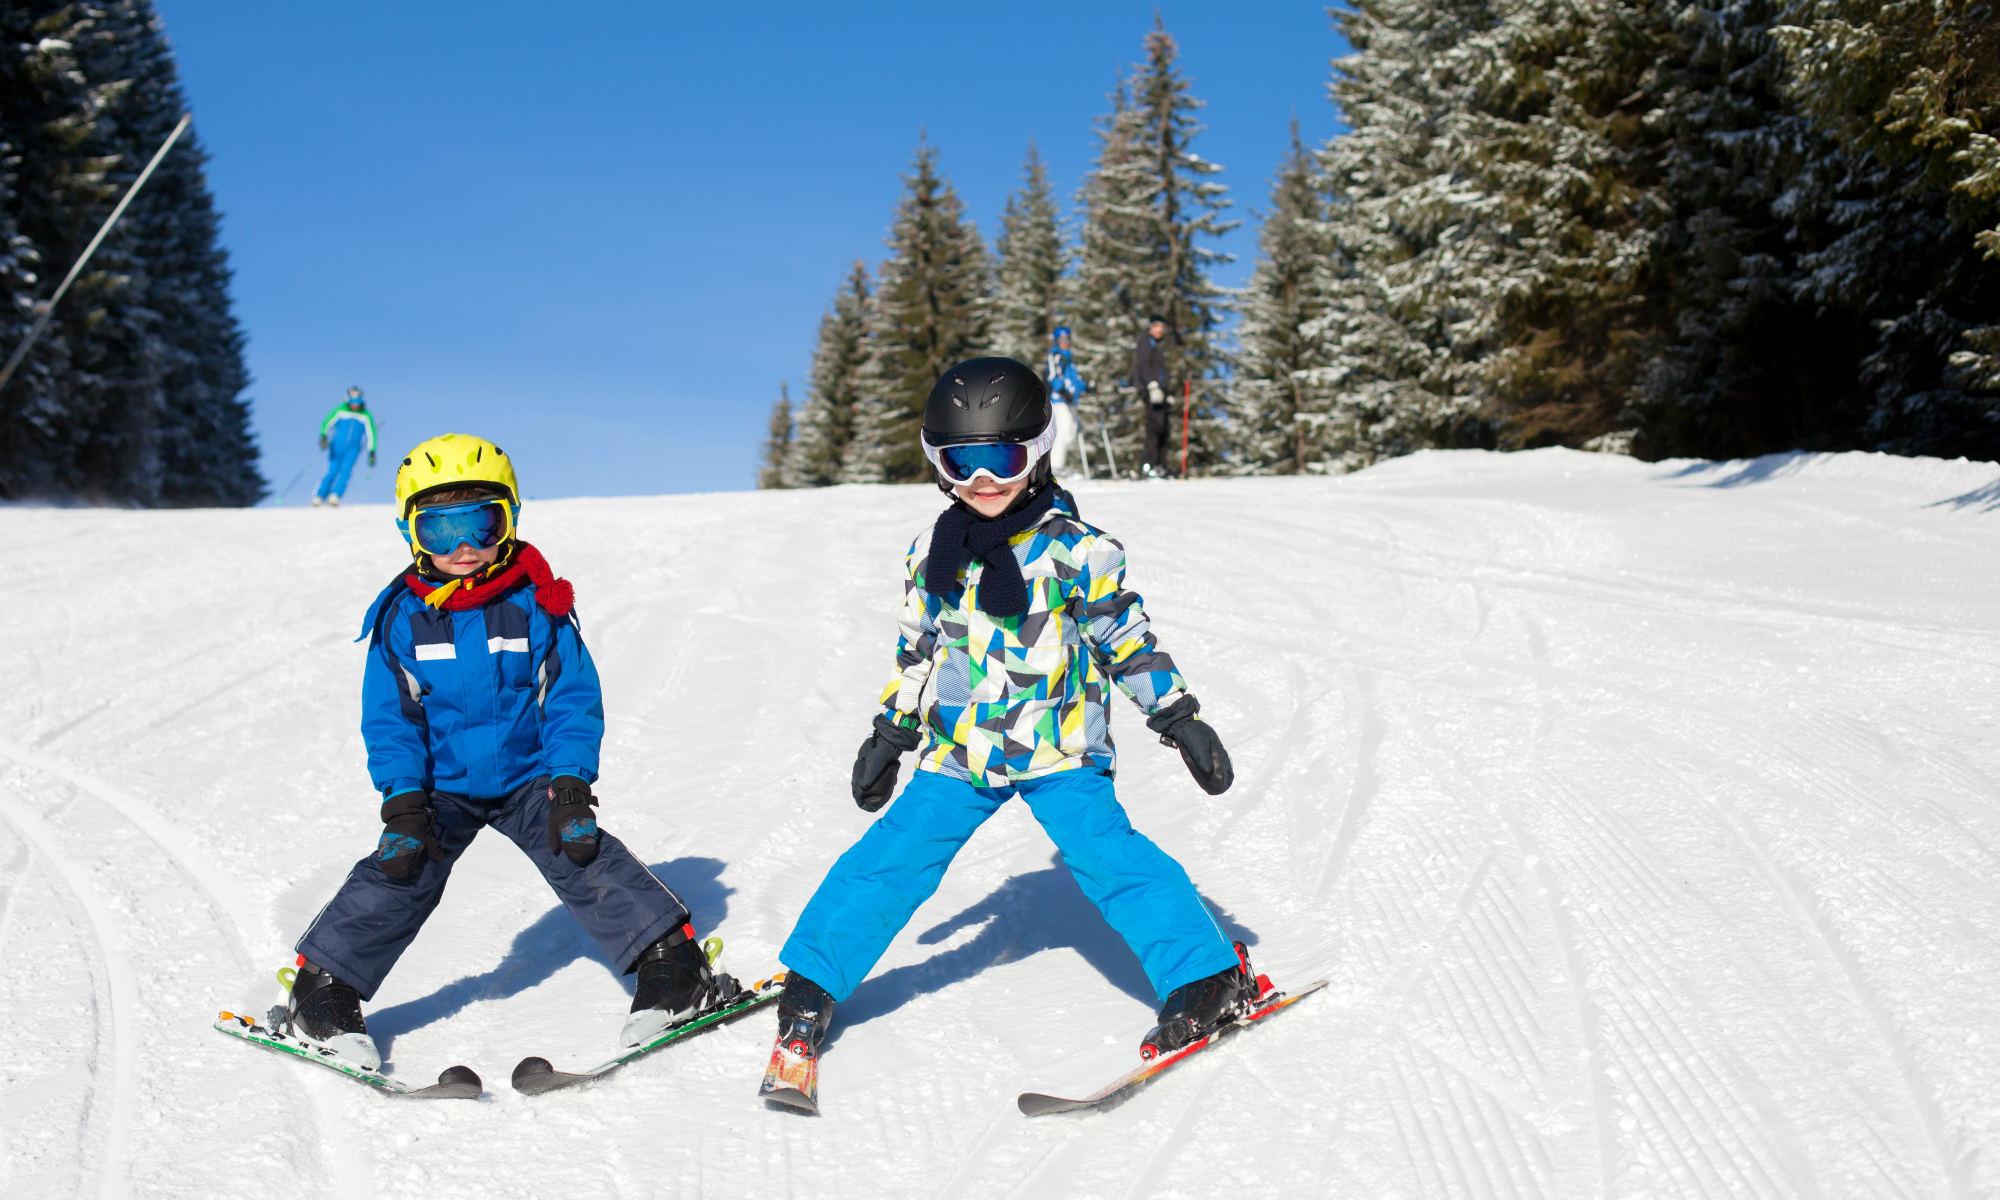 2 Kinder auf Skiern beim Pflug fahren auf der sonnigen Piste.